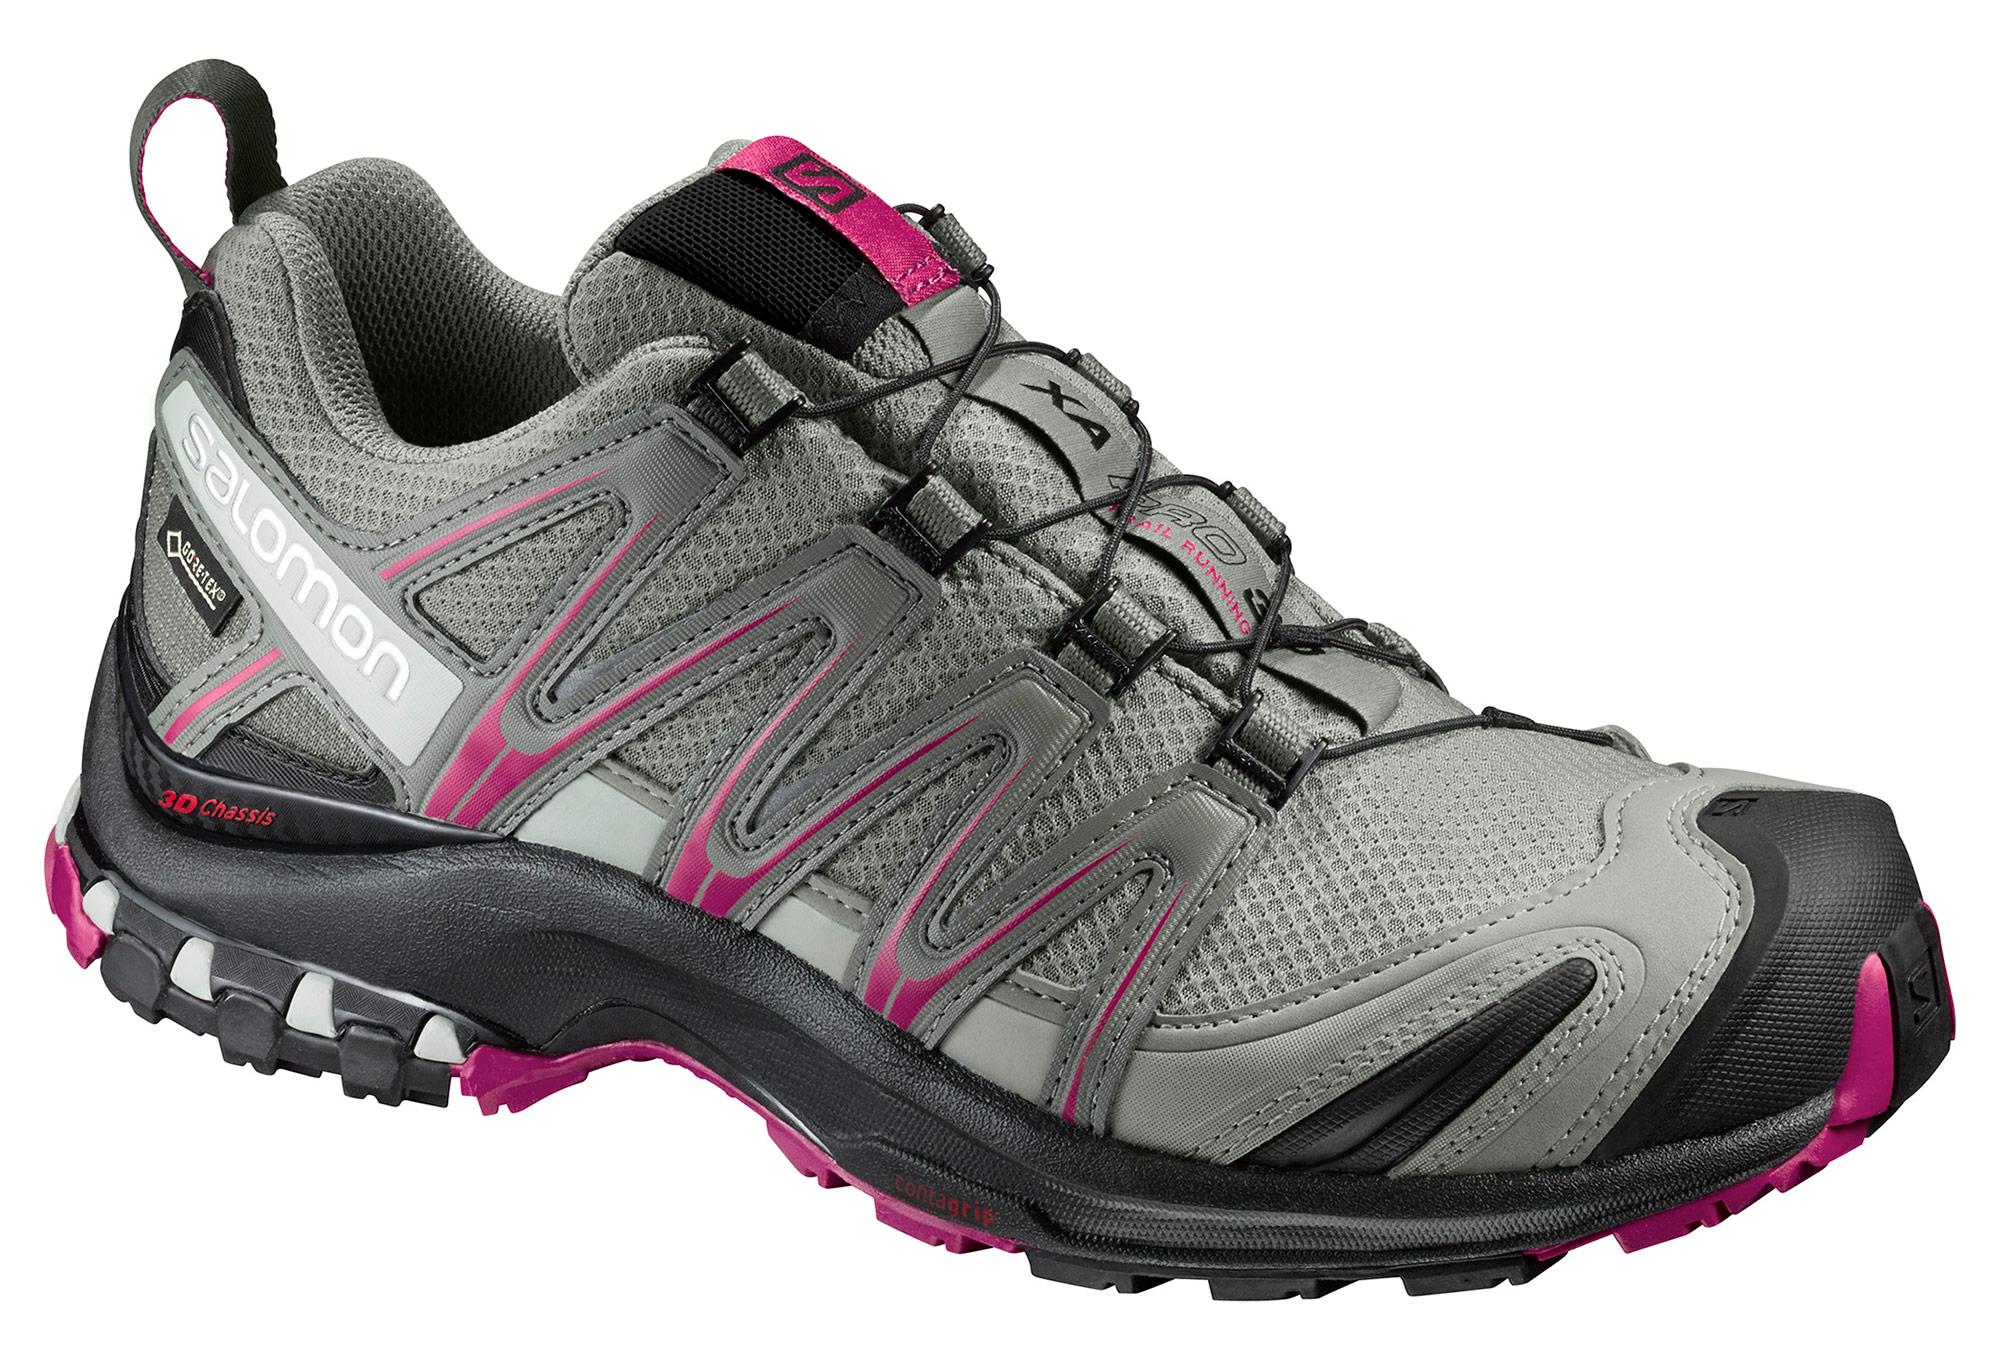 47070a73a27 Zapatillas Salomon XA PRO 3D GTX para Mujer Gris